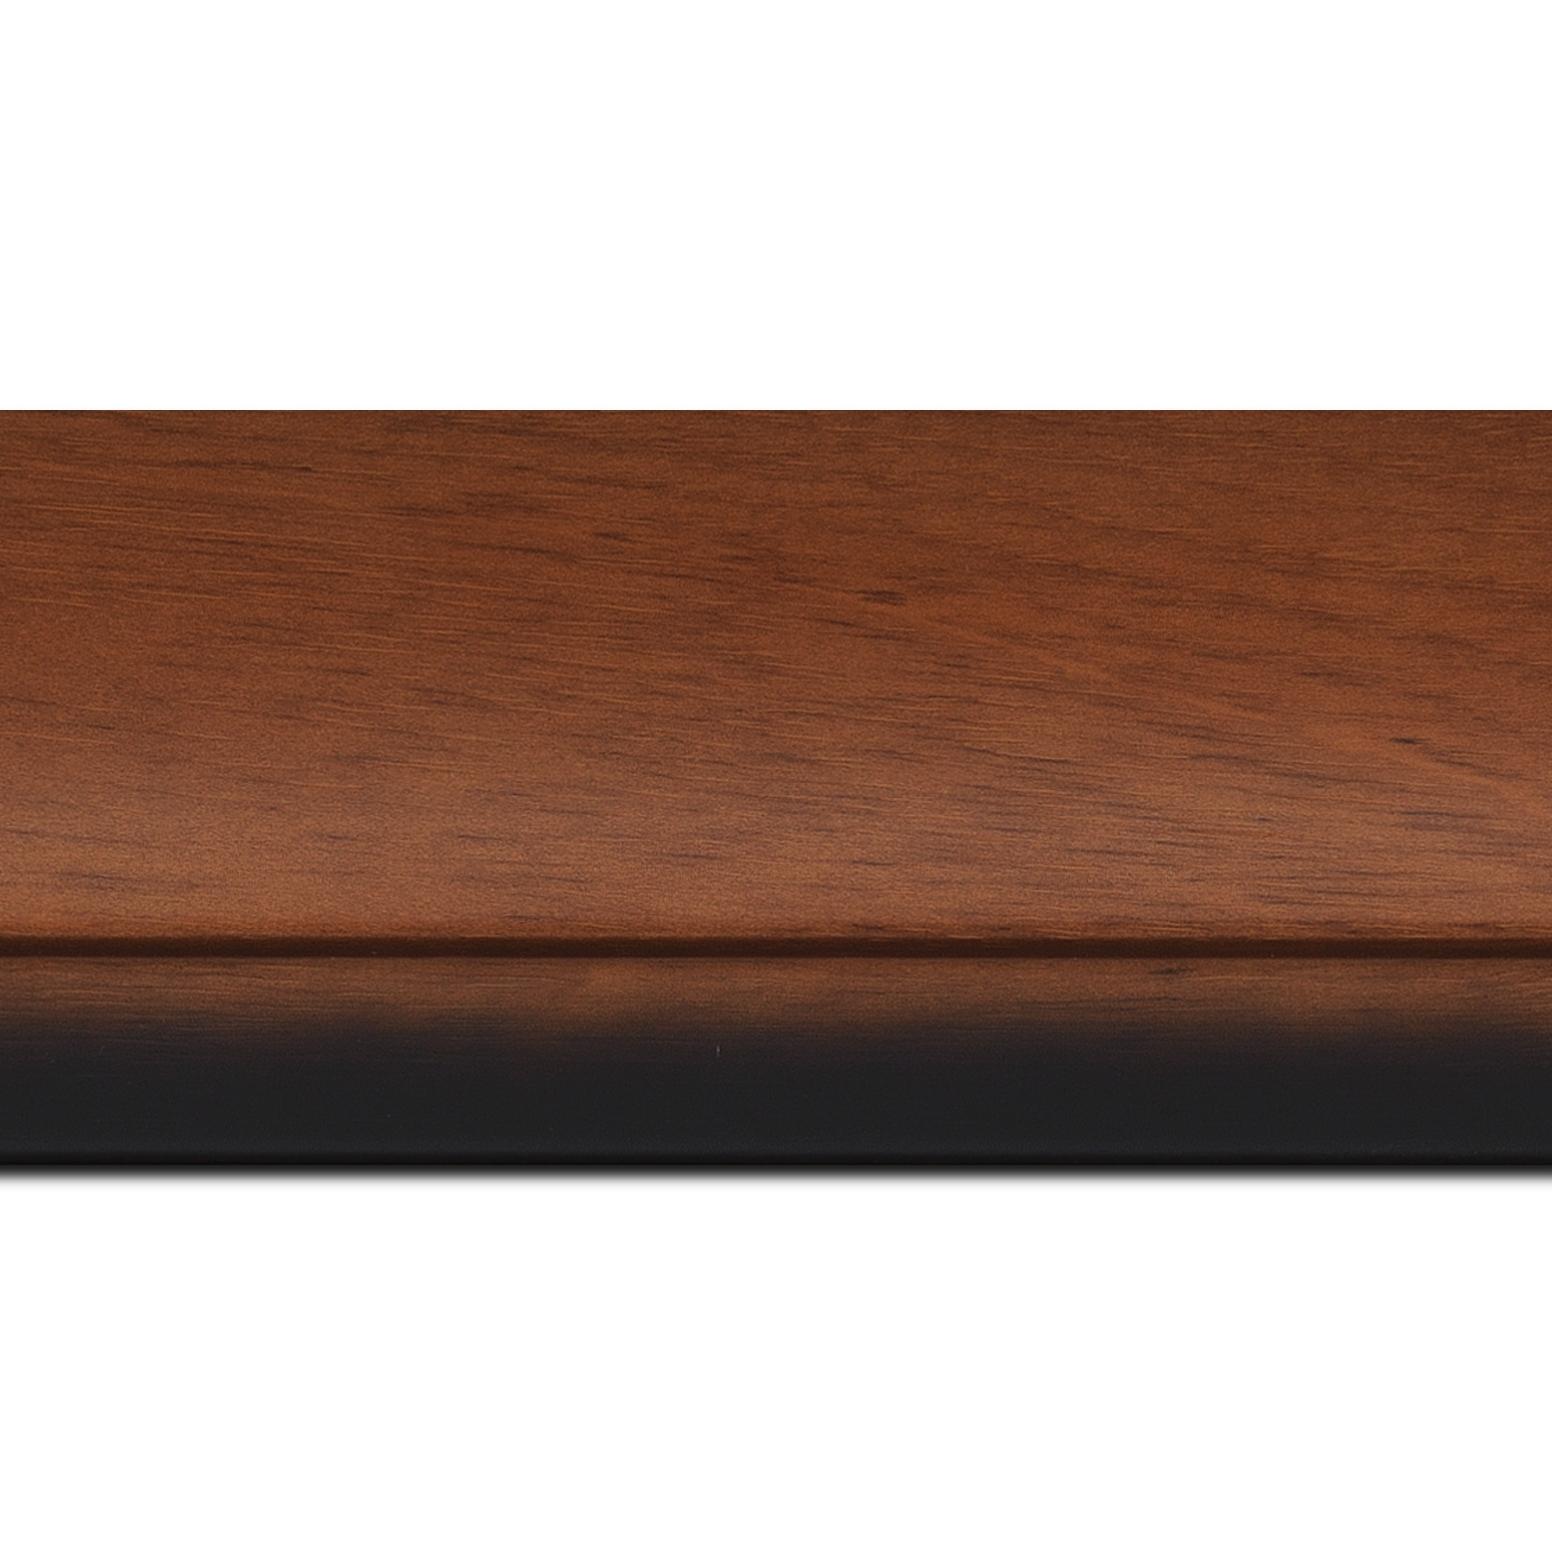 Pack par 12m, bois profil arrondi largeur 7.6cm couleur merisier nez noirci(longueur baguette pouvant varier entre 2.40m et 3m selon arrivage des bois)